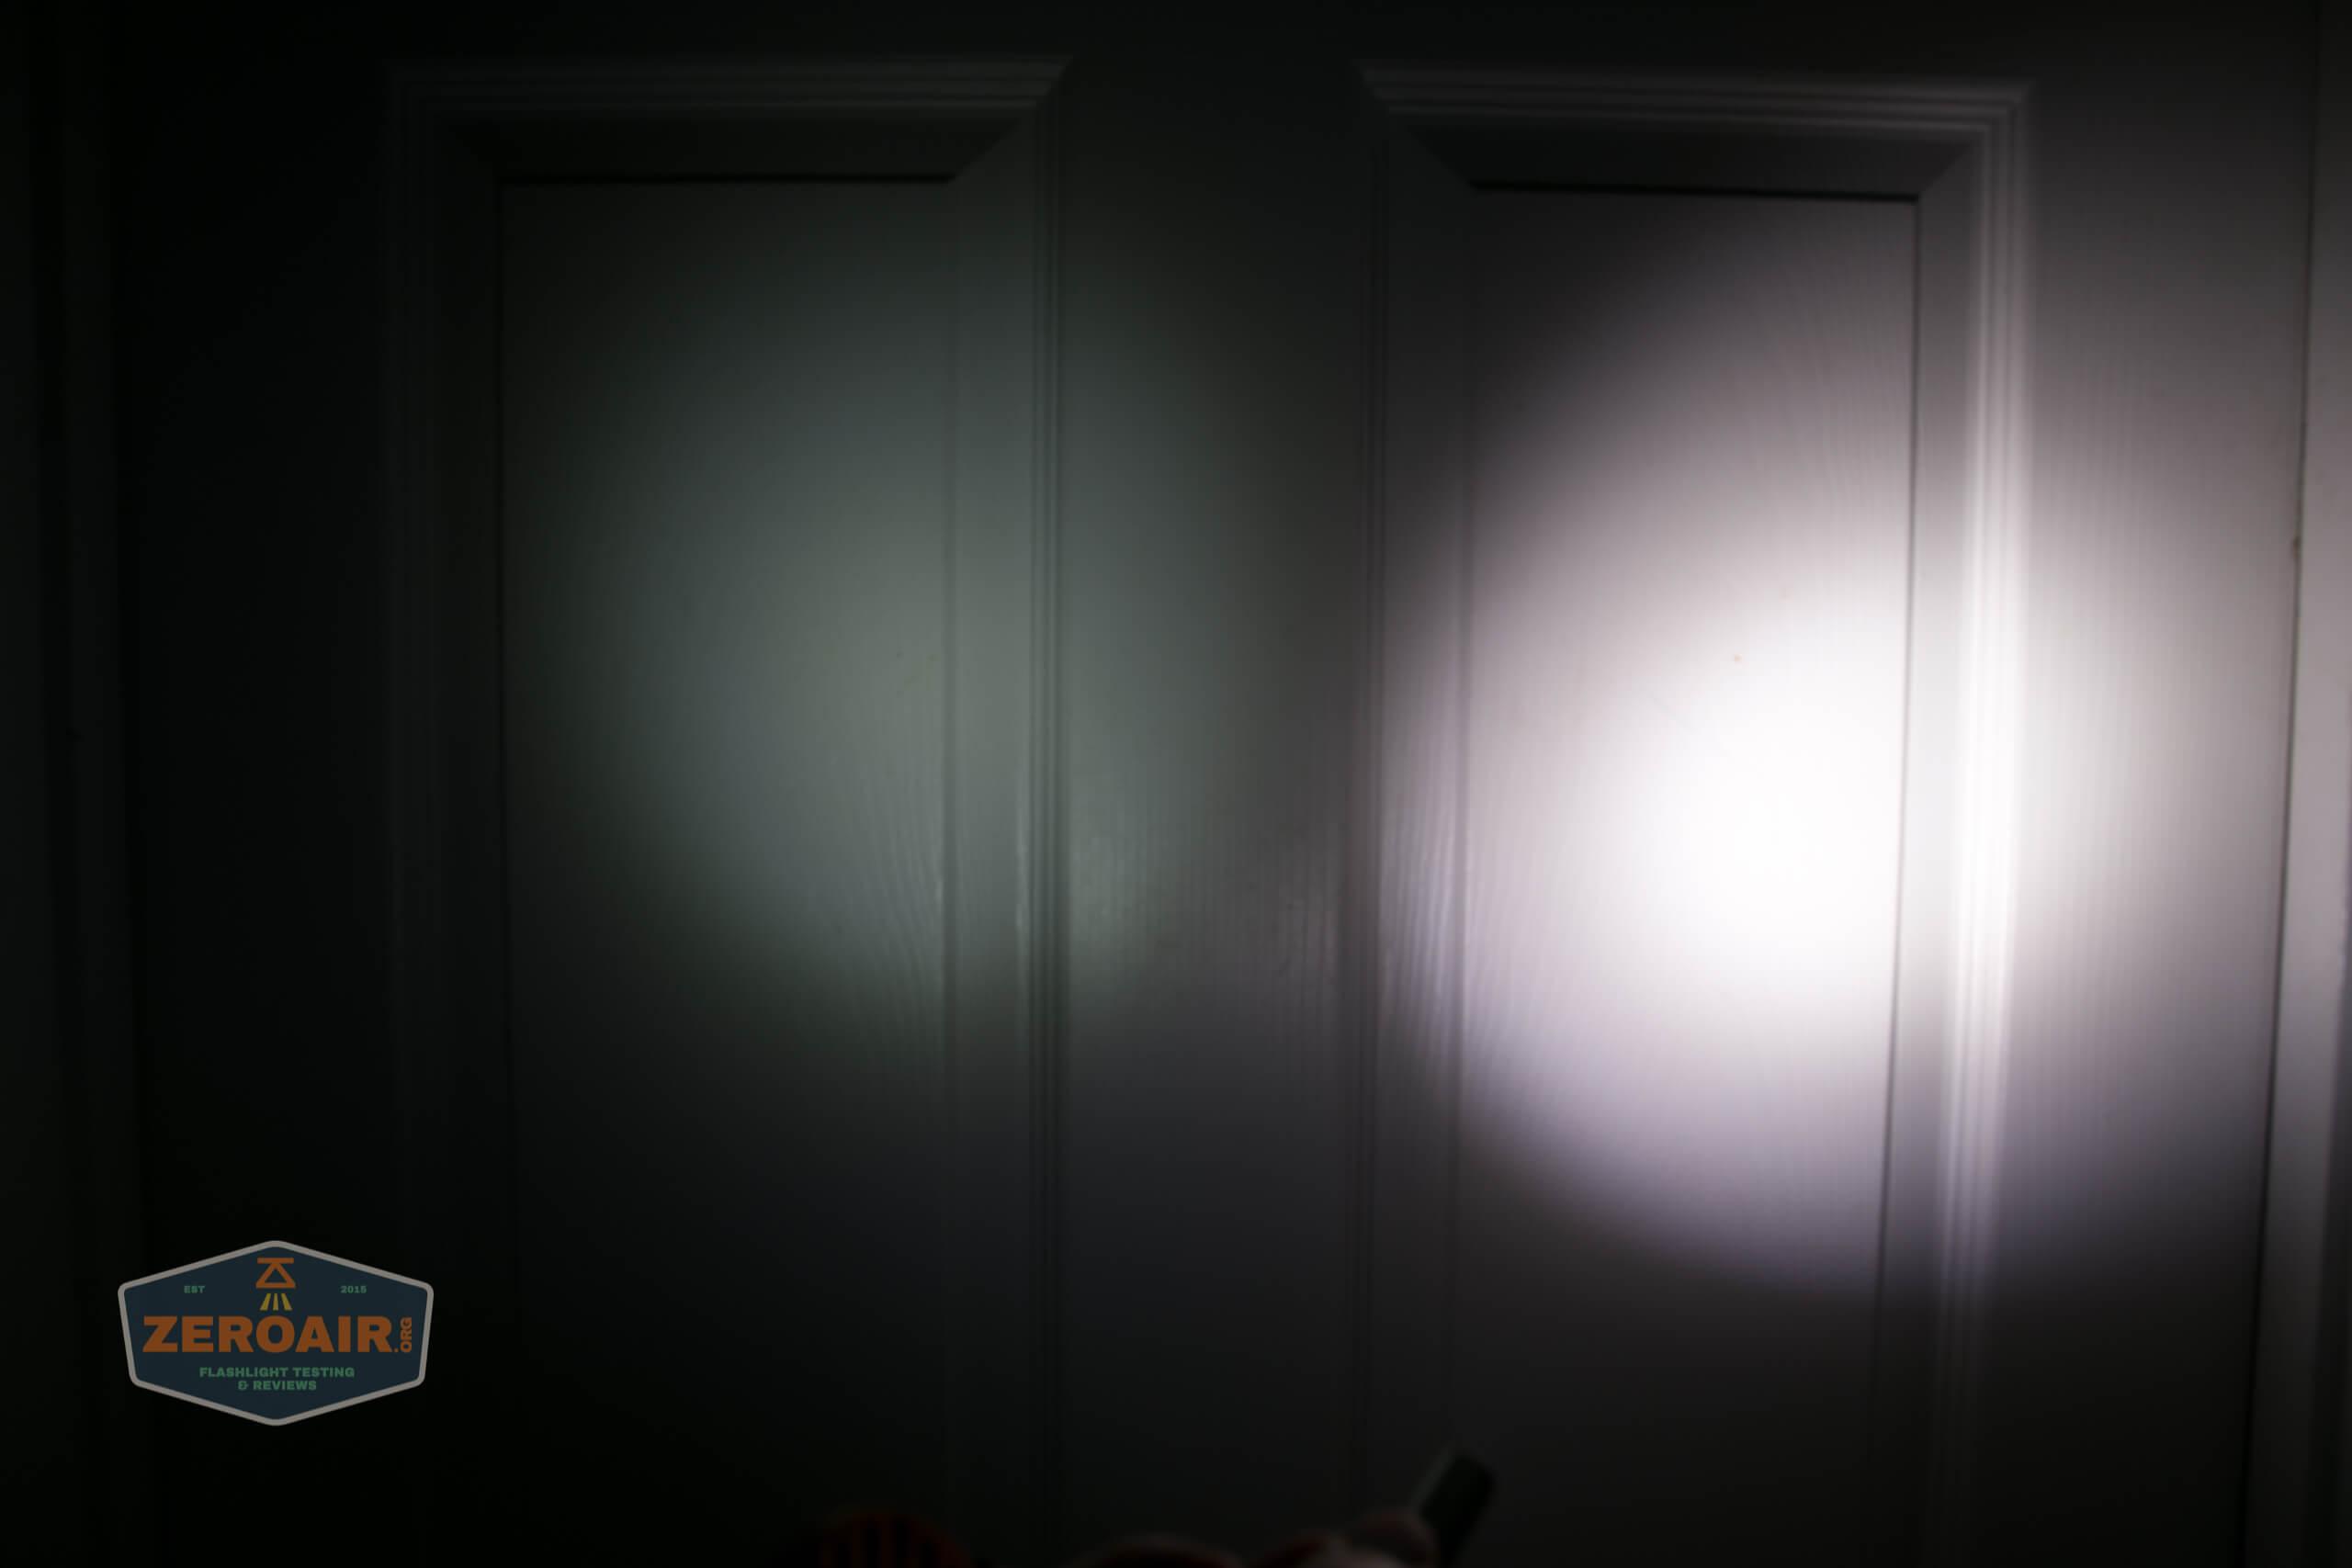 olight perun 2 21700 headlamp orange beamshot door 1